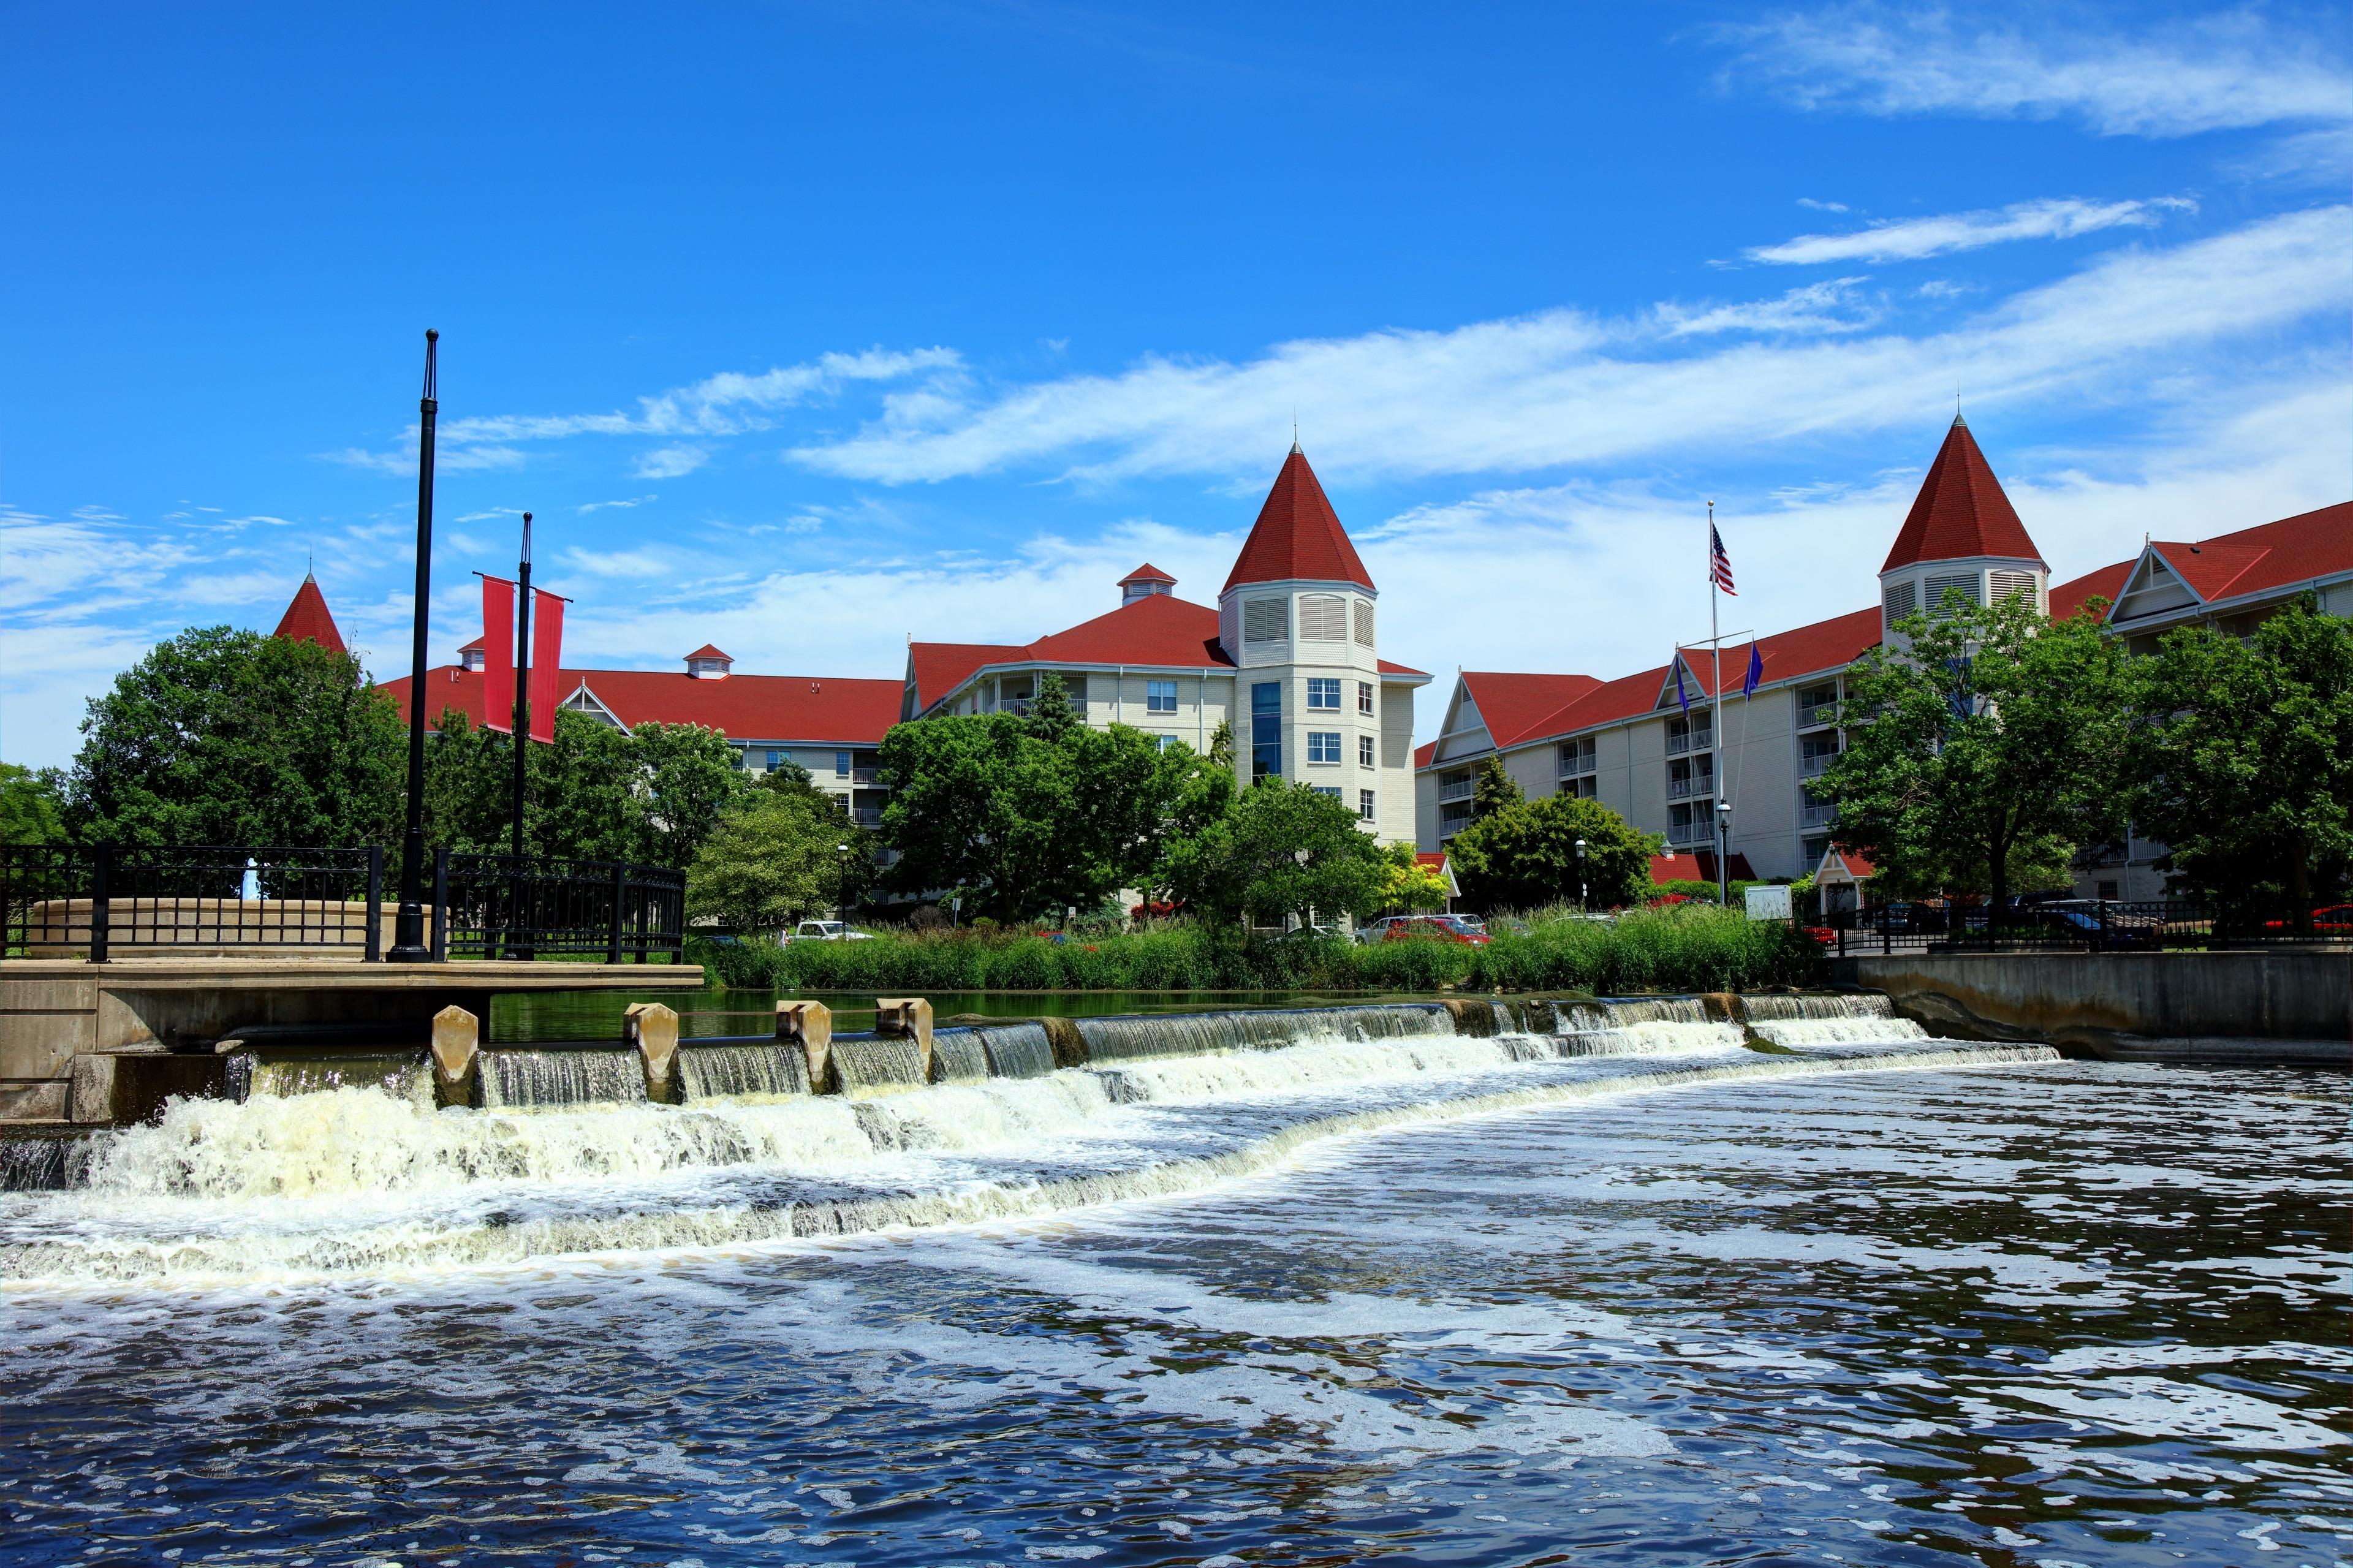 Waukesha County, Wisconsin, United States of America